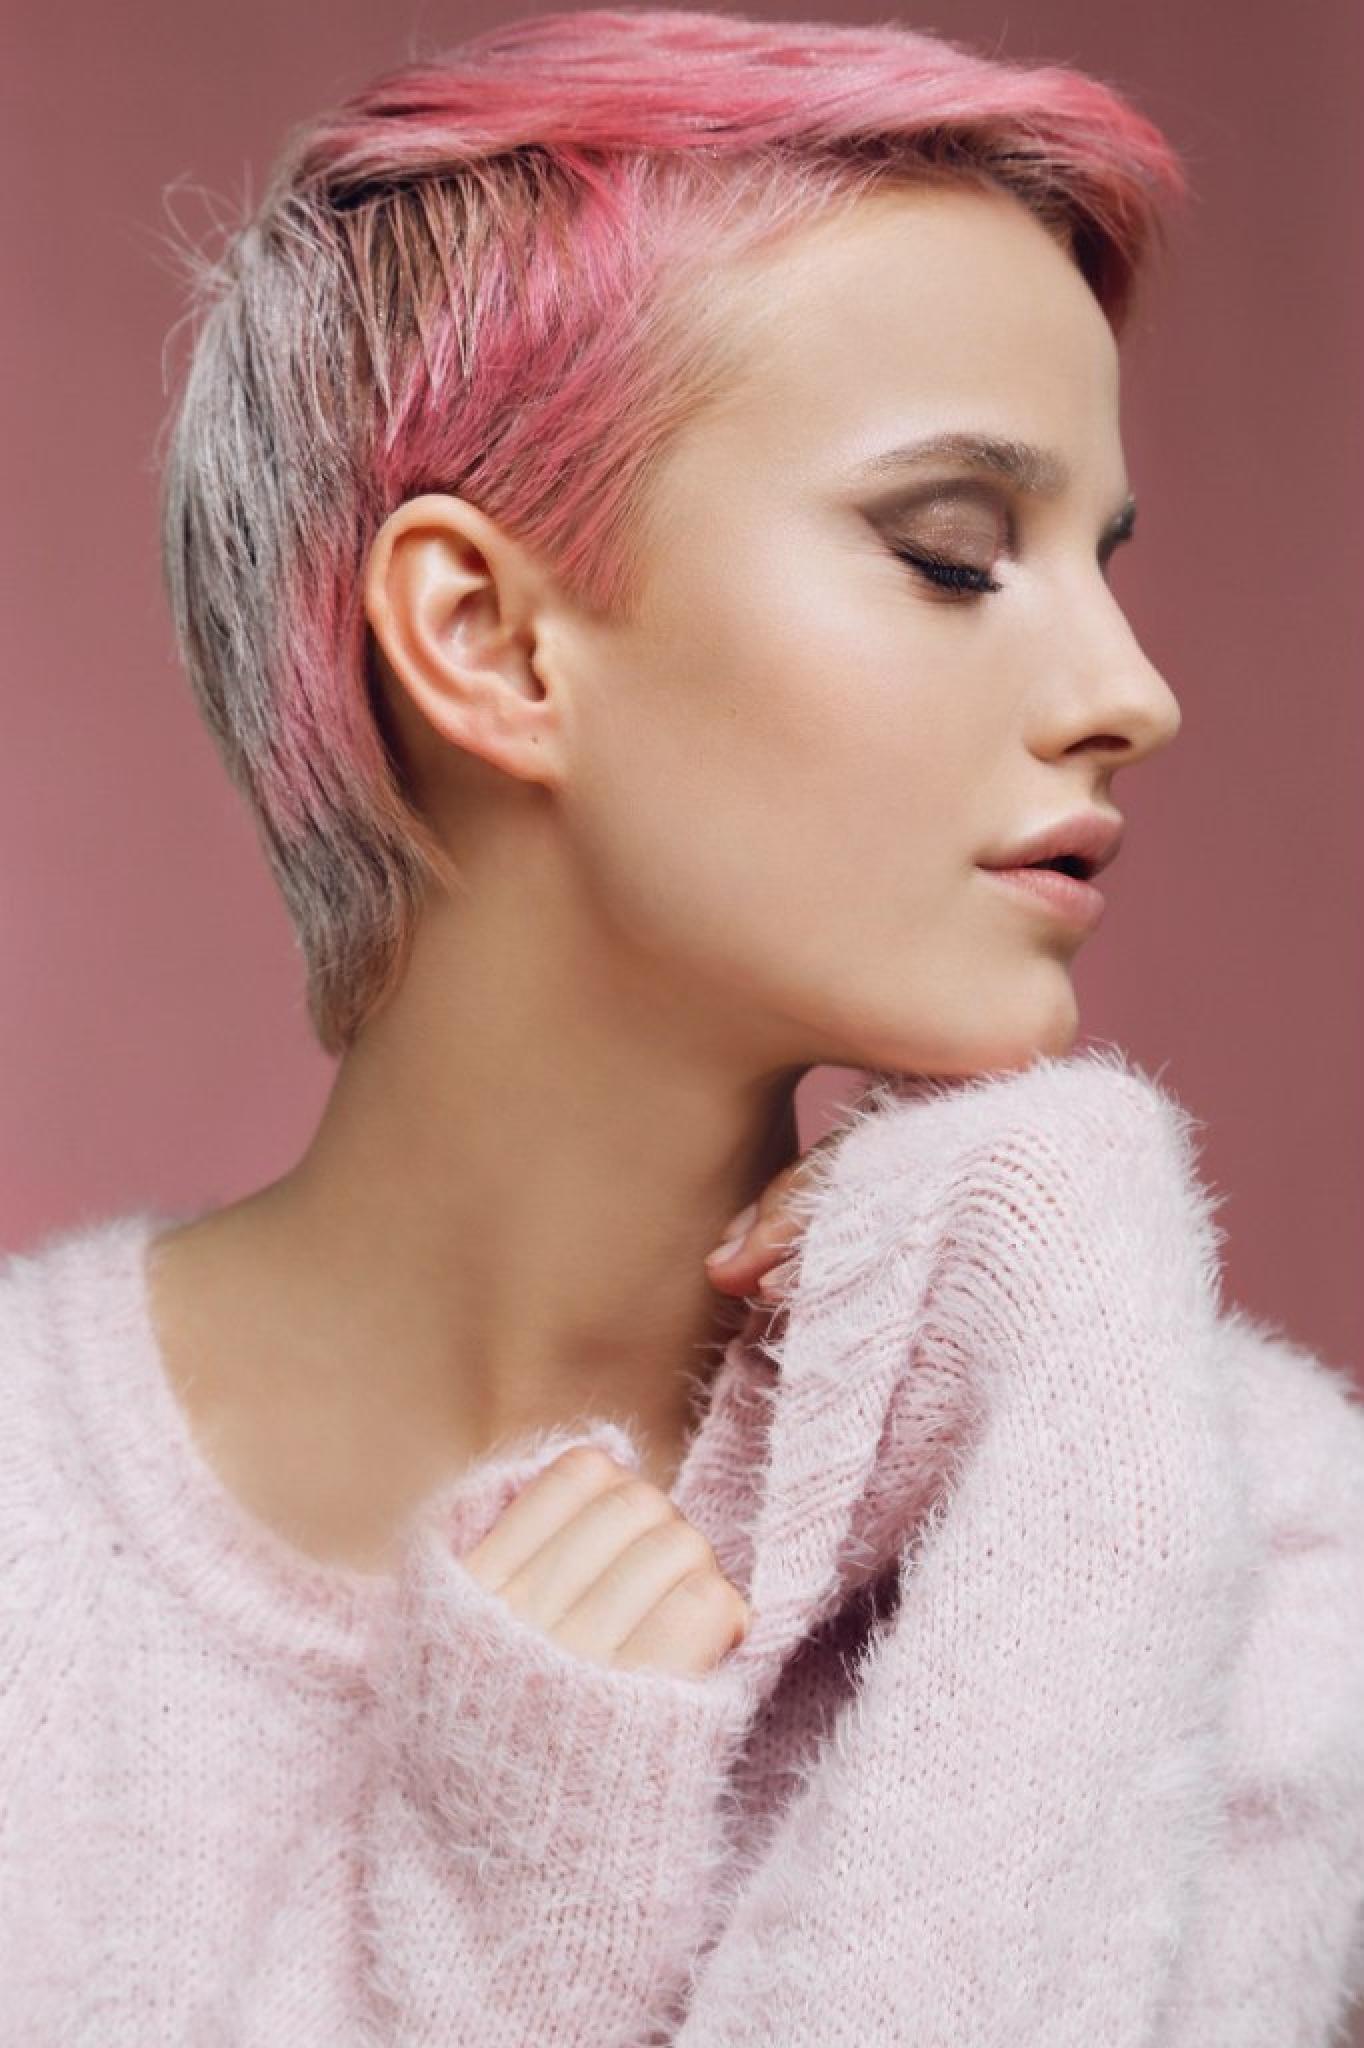 pink story by naumovichphoto